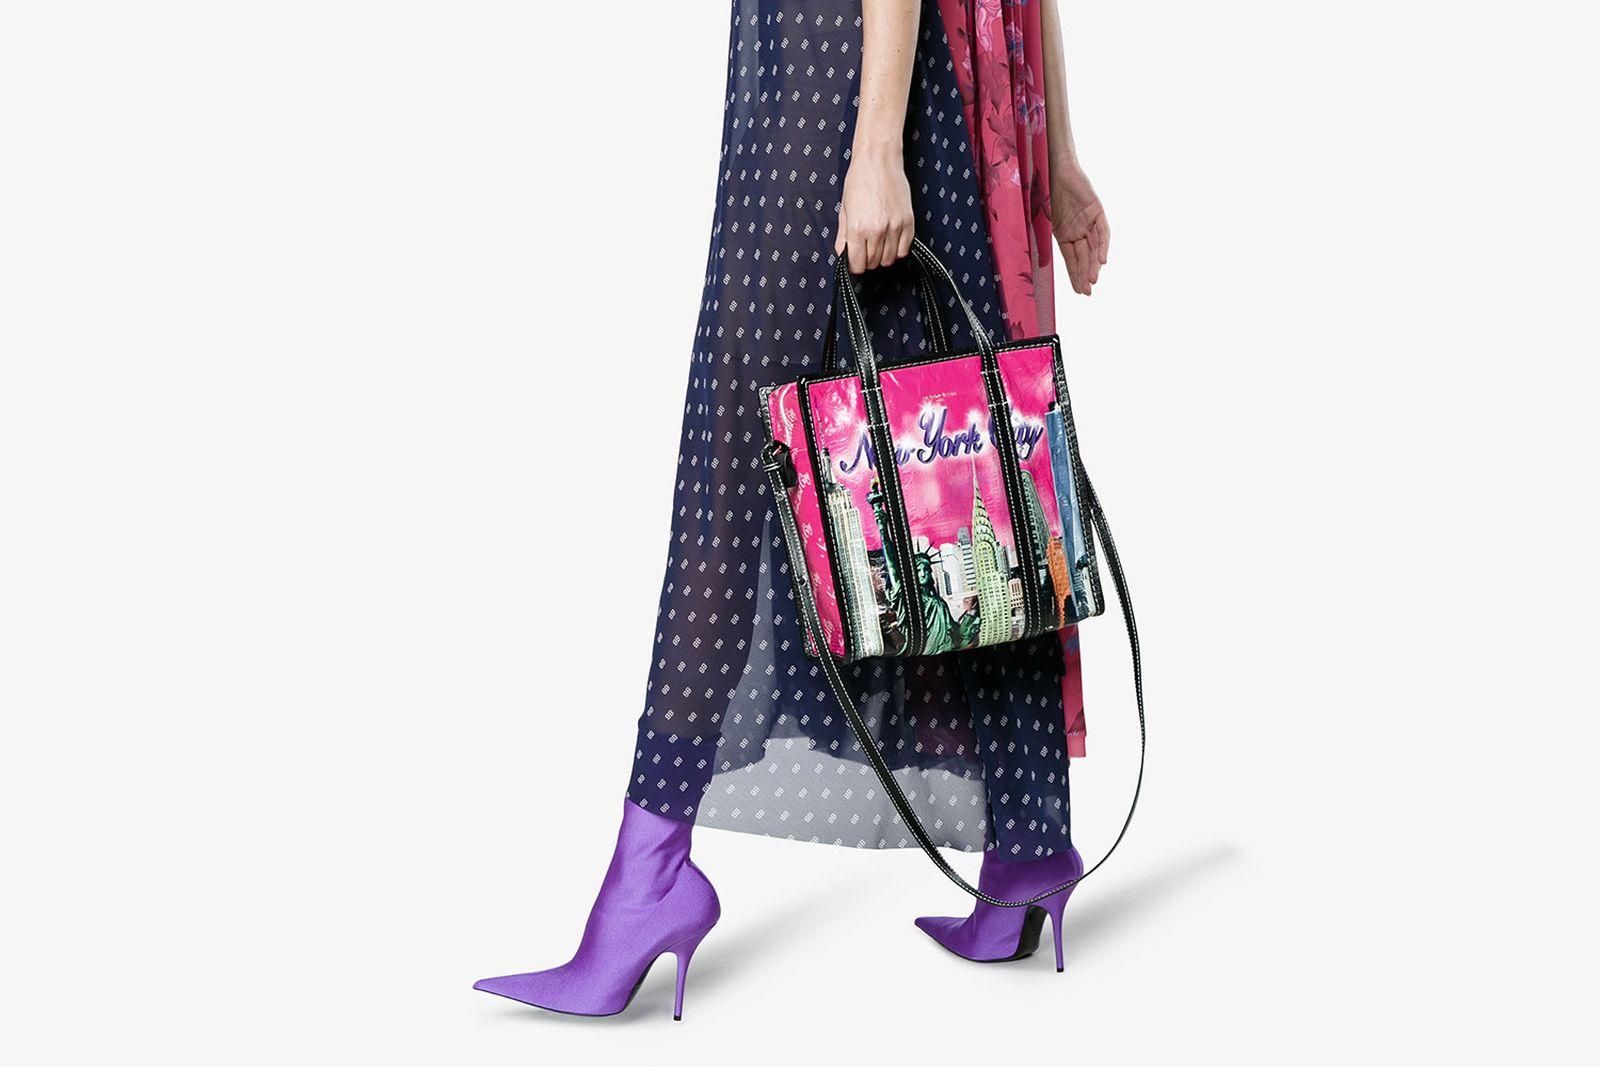 balenciaga nyc souvenir bag lawsuit